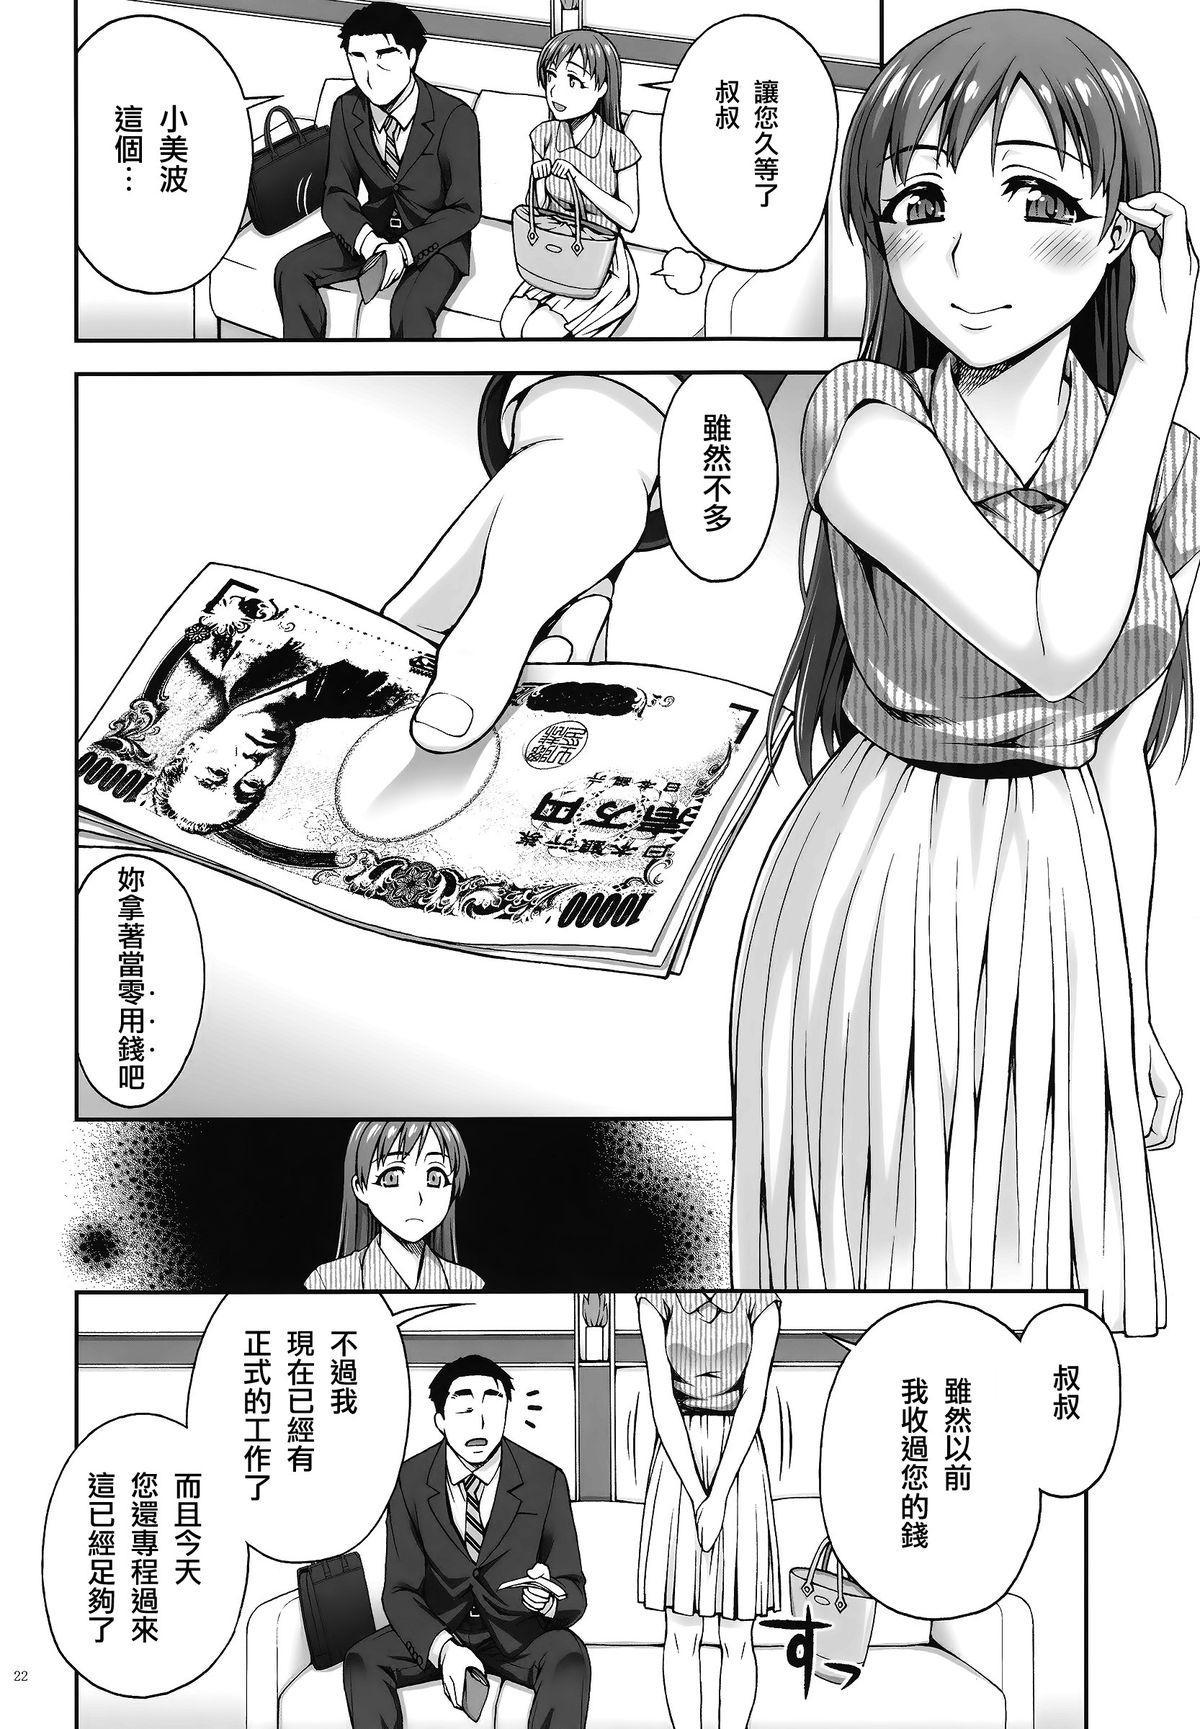 Kanojo no Sugao 20